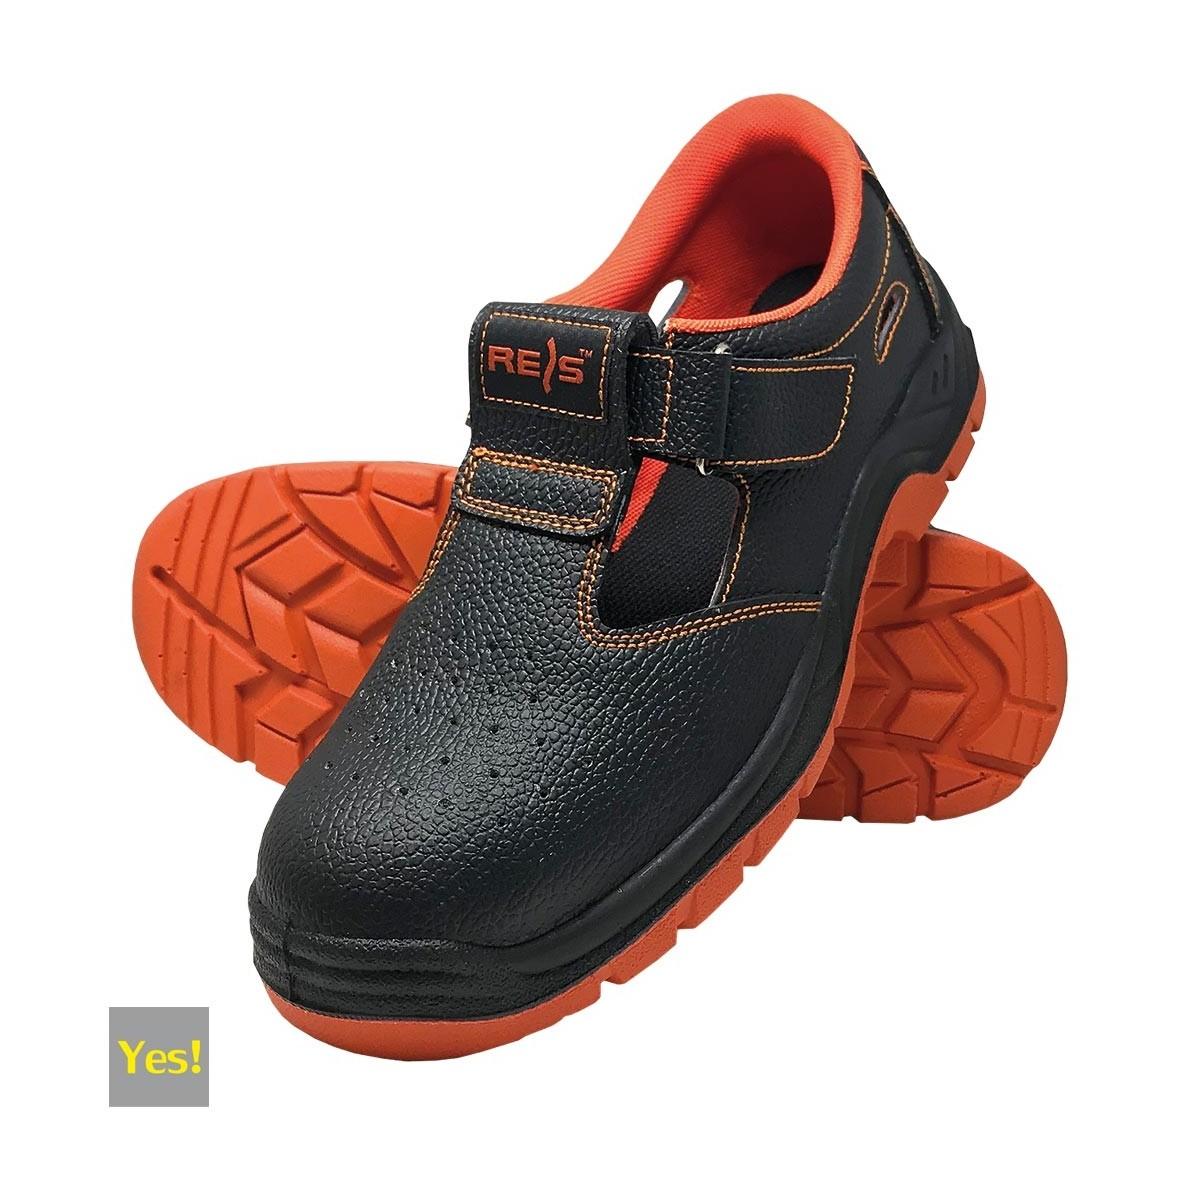 Buty bezpieczne sandały BRYESK-S SBP